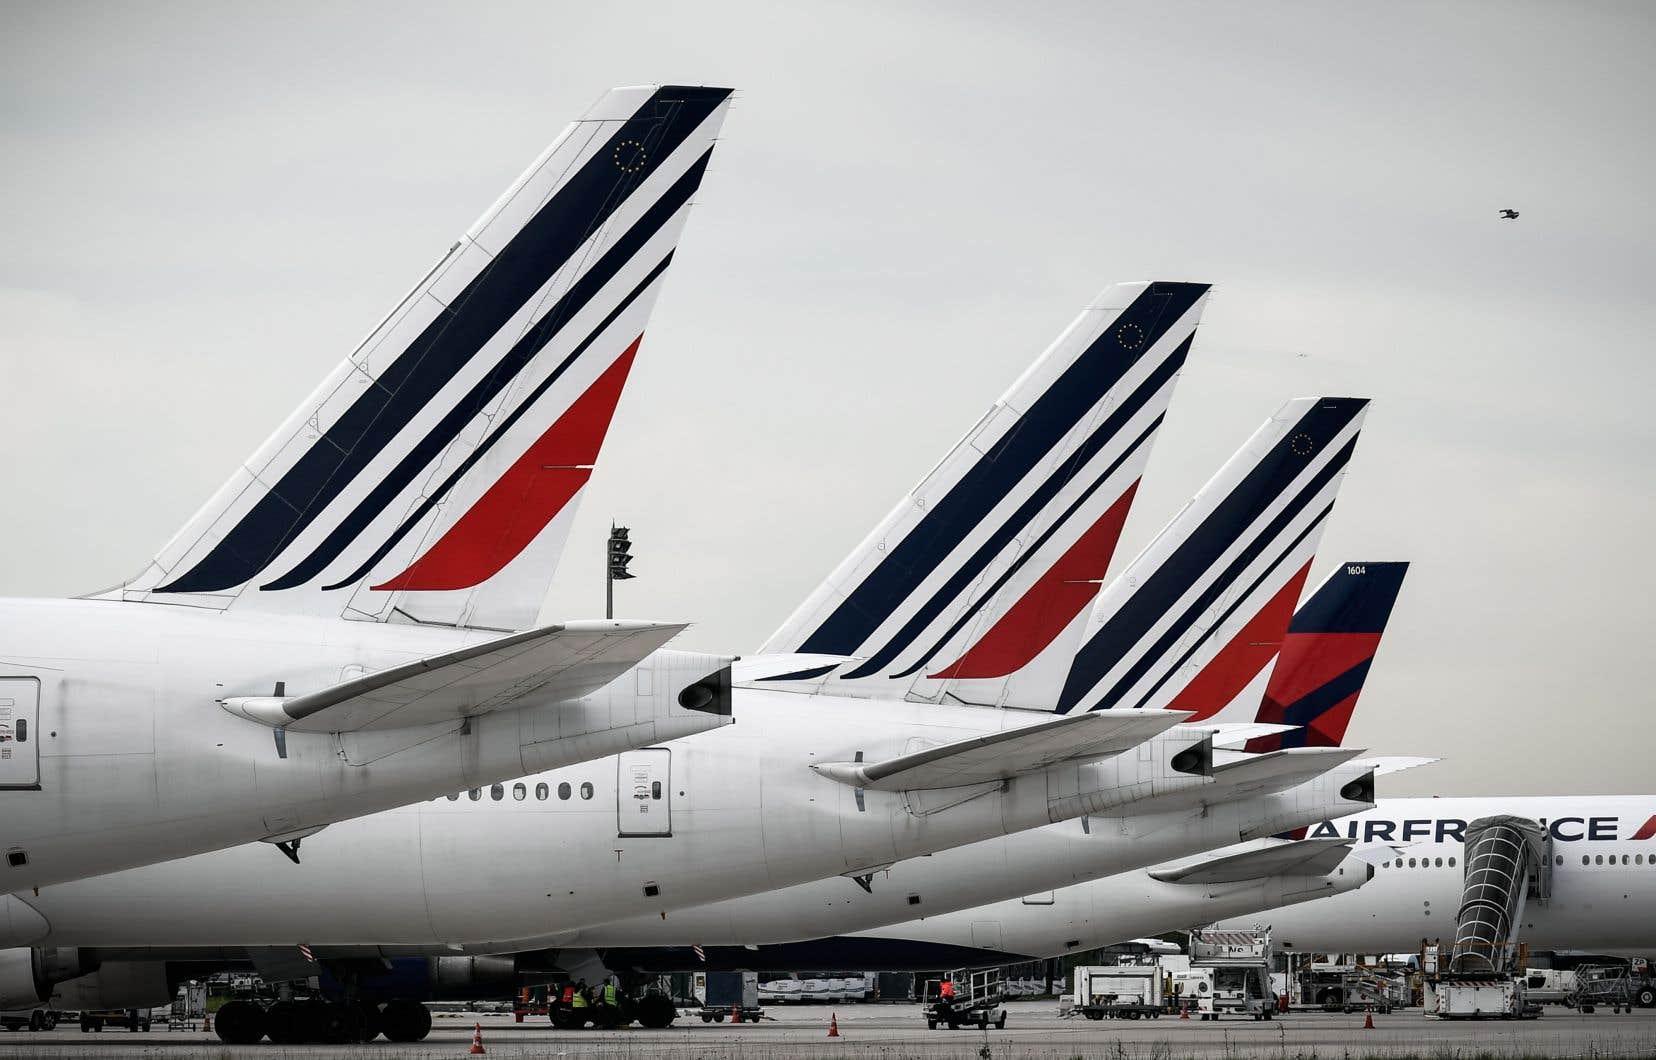 Air France a mentionné que ses agents «réinstallent les clients de manière proactive» pour maintenir plus d'espace entre les passagers «dans la mesure du possible», une stratégie que d'autres transporteurs ont dit privilégier en période de crise.